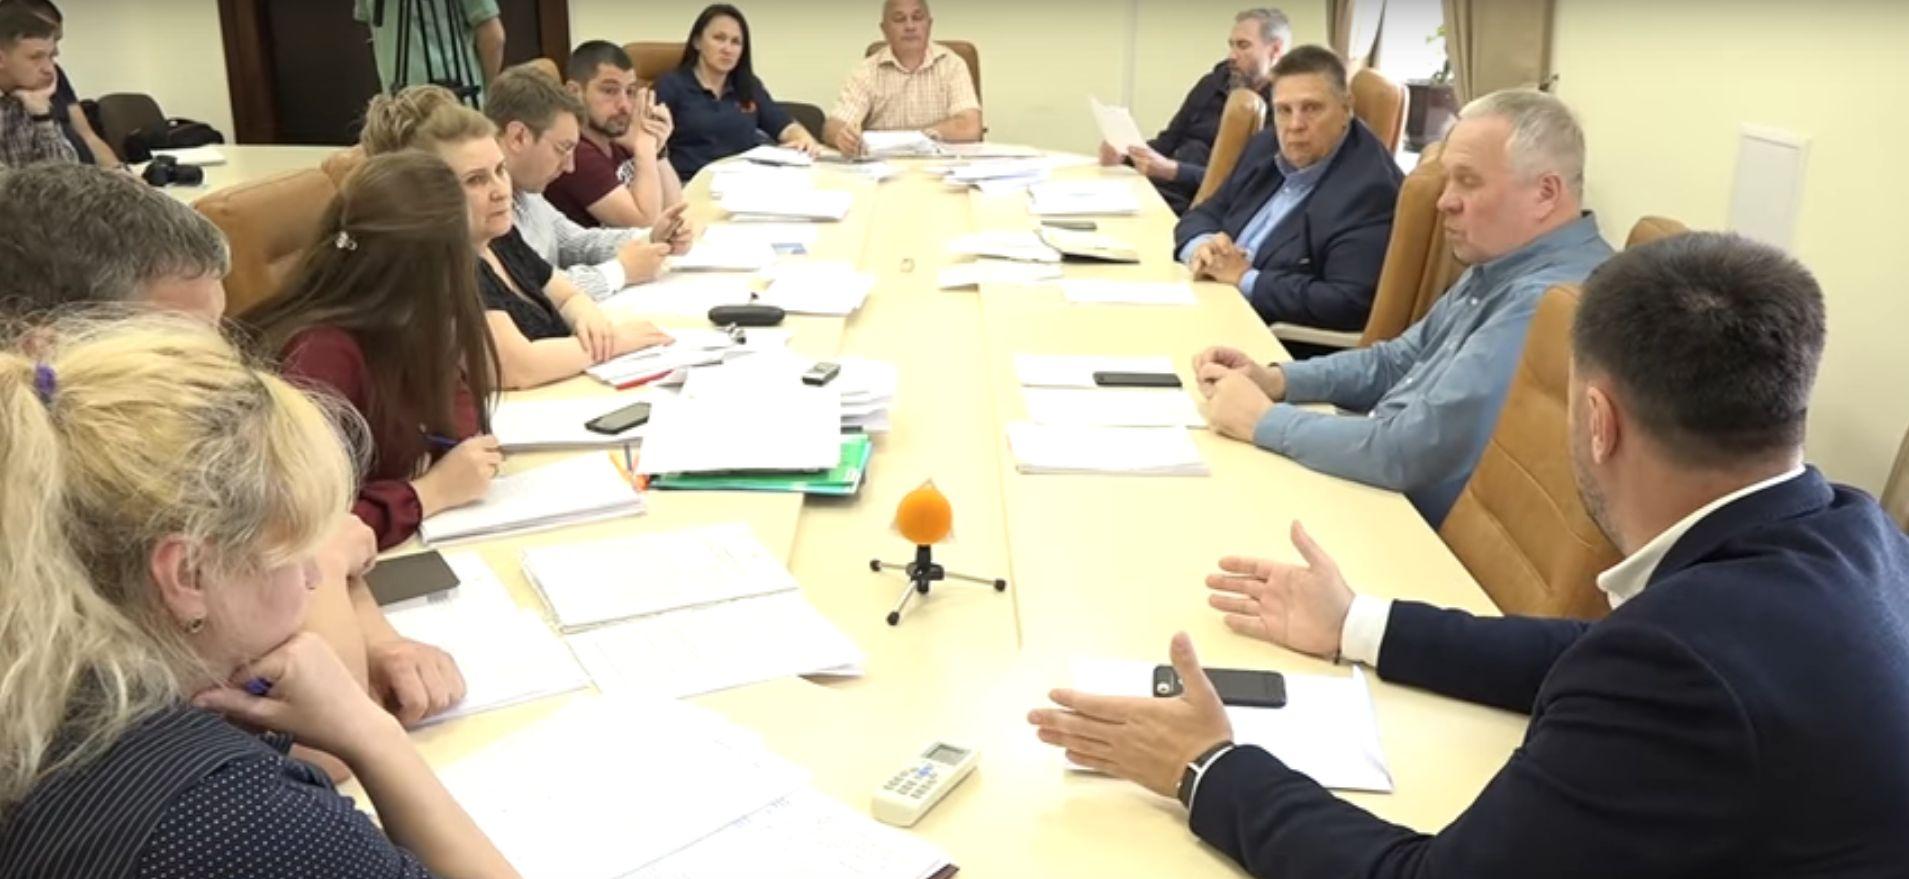 Депутатская комиссия потребовала Ермолаева отчитаться о результатах «антикоррупционного департамента» (ВИДЕО)